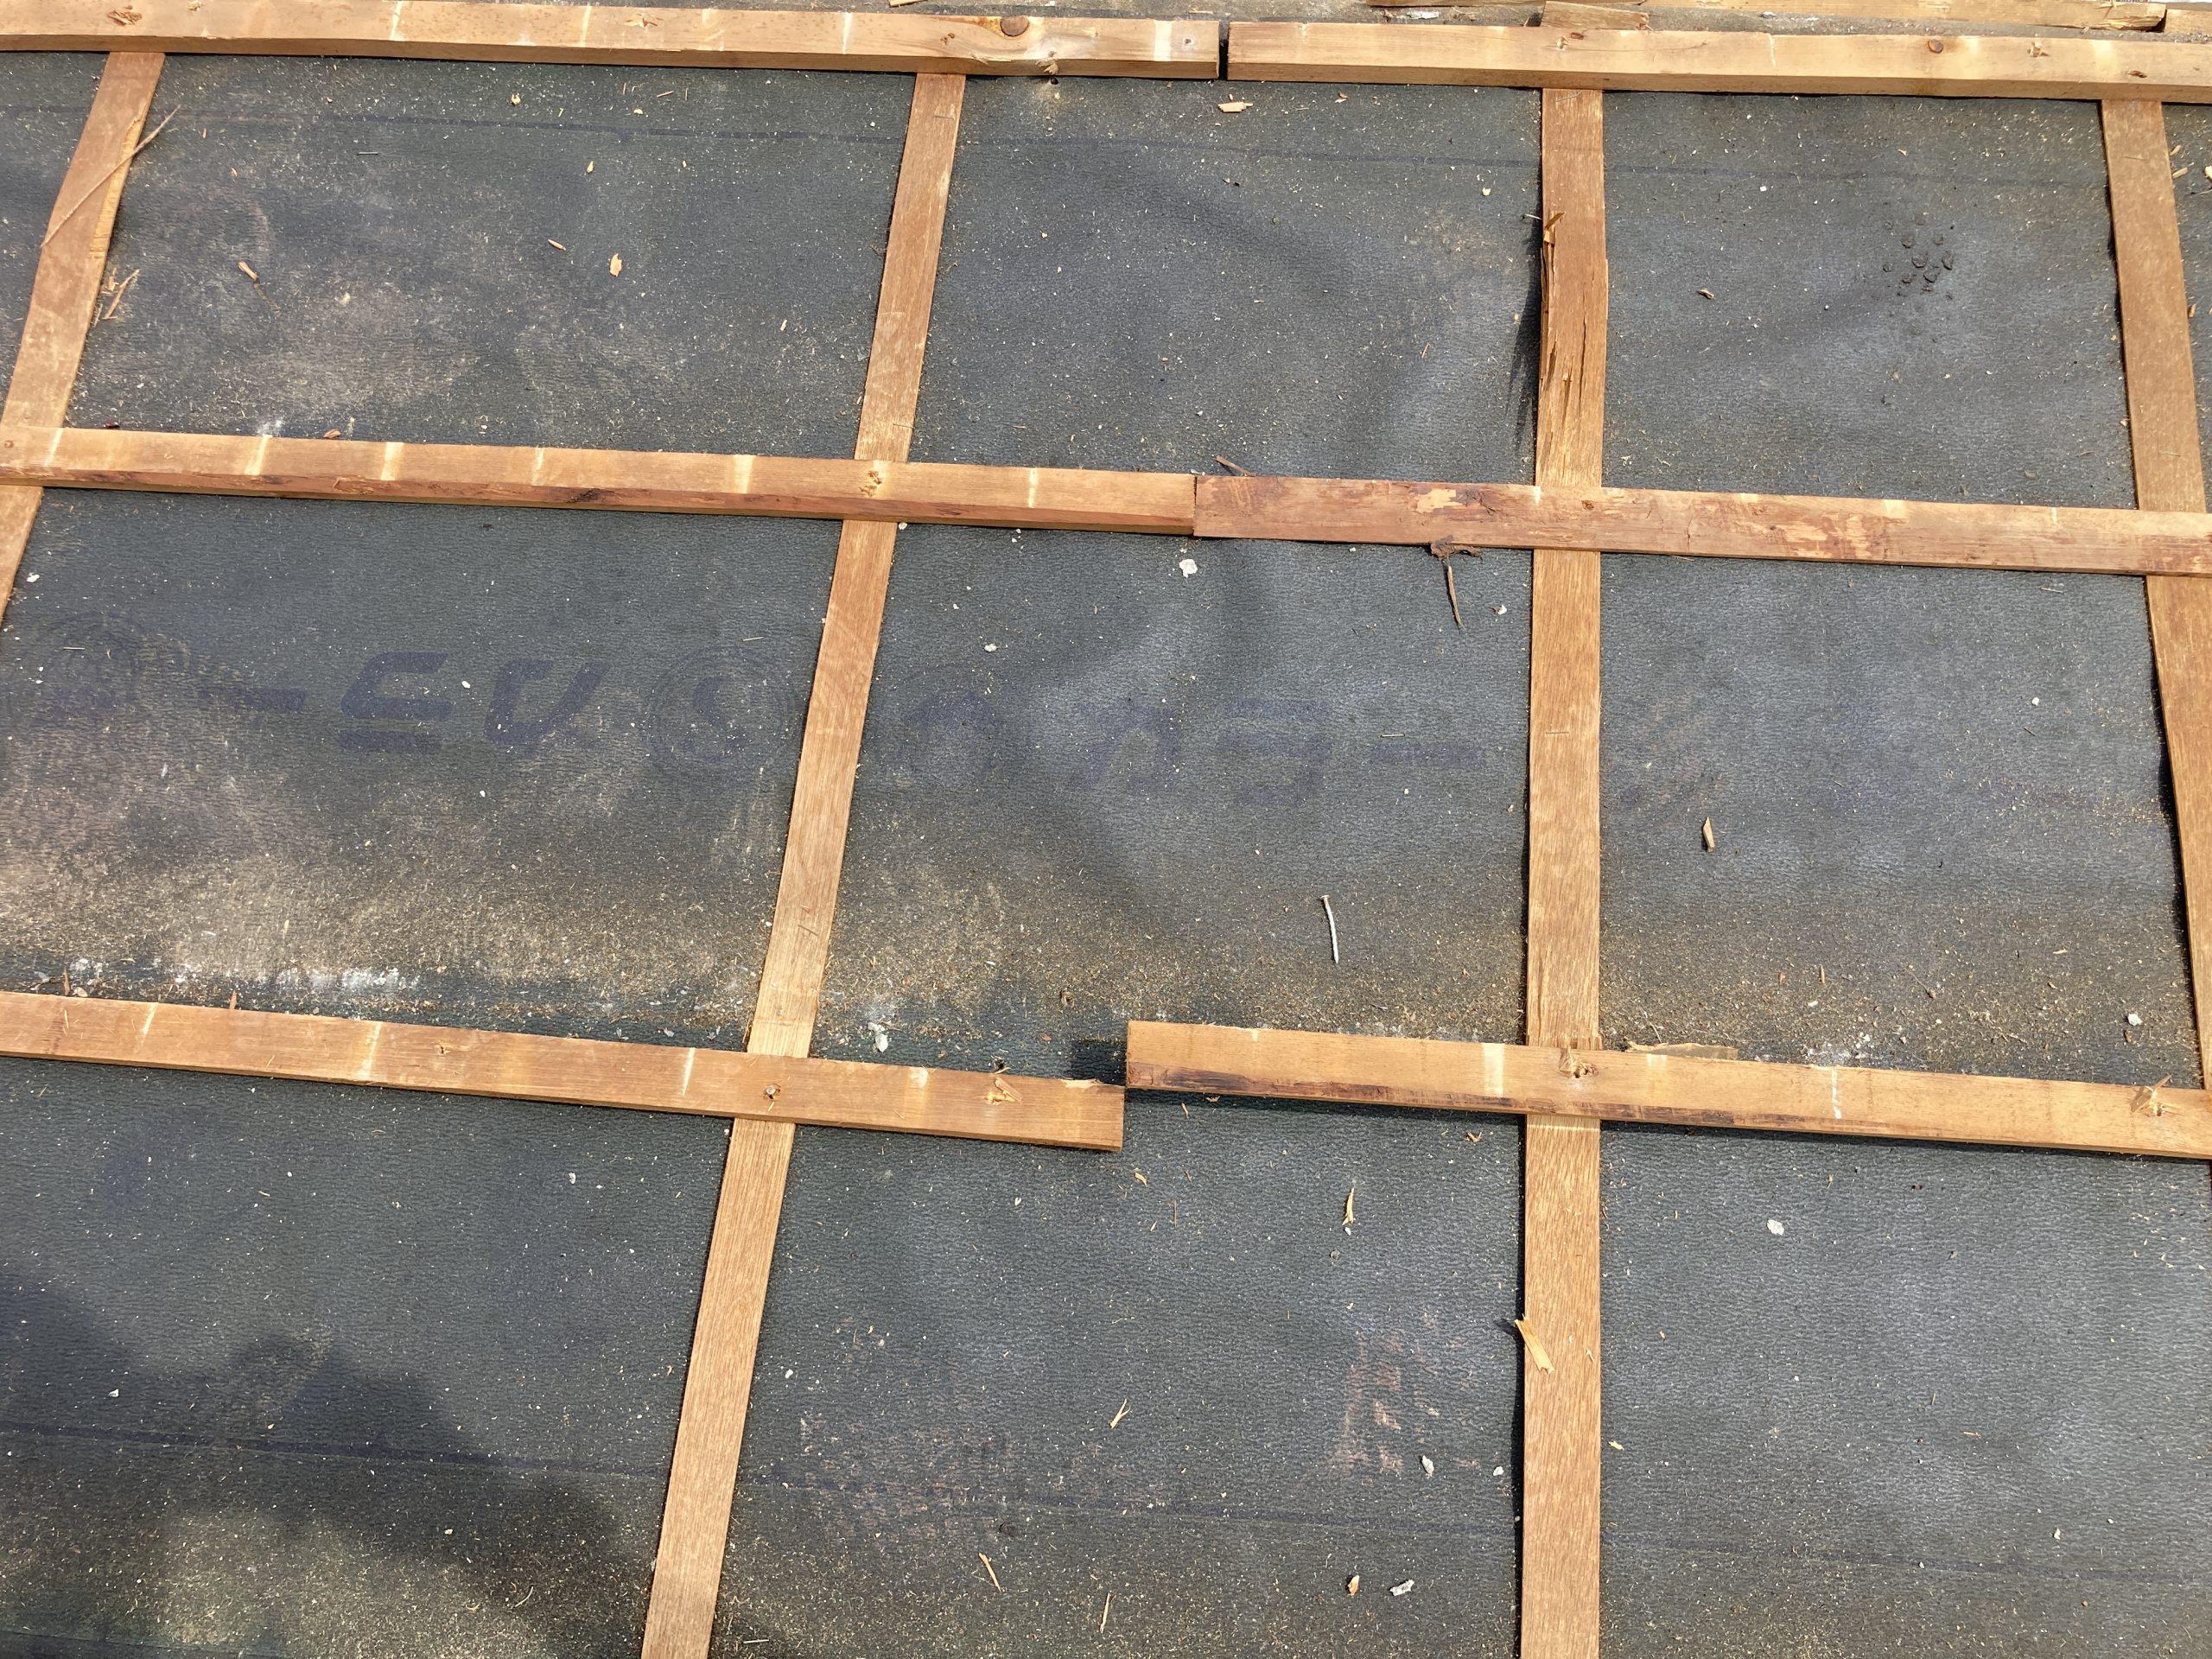 屋根解体作業 瓦桟の状態